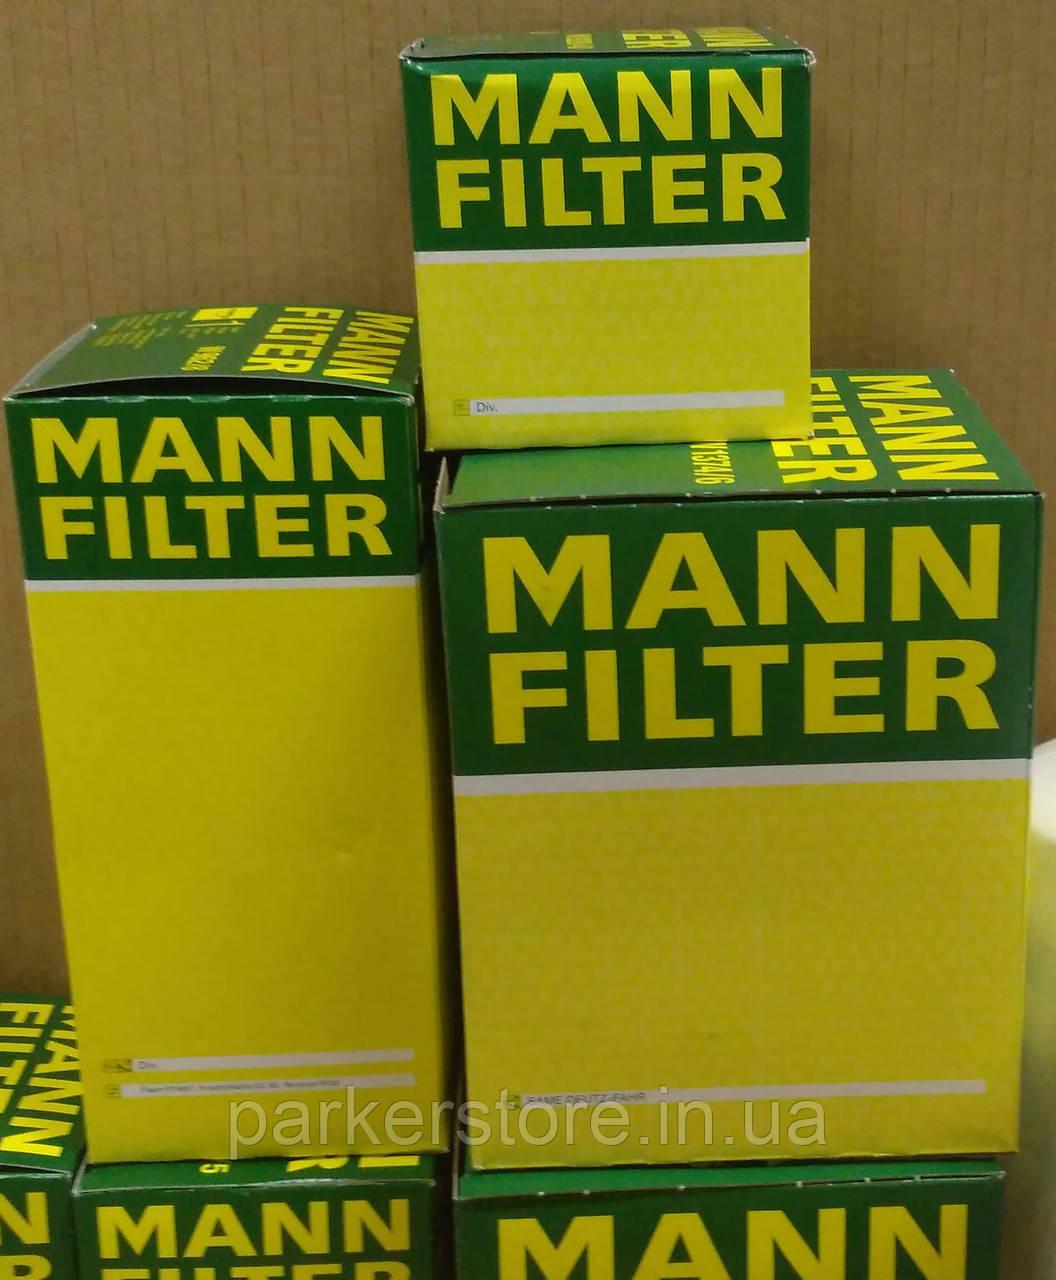 MANN FILTER / Повітряний фільтр / C 30 130 / C30130